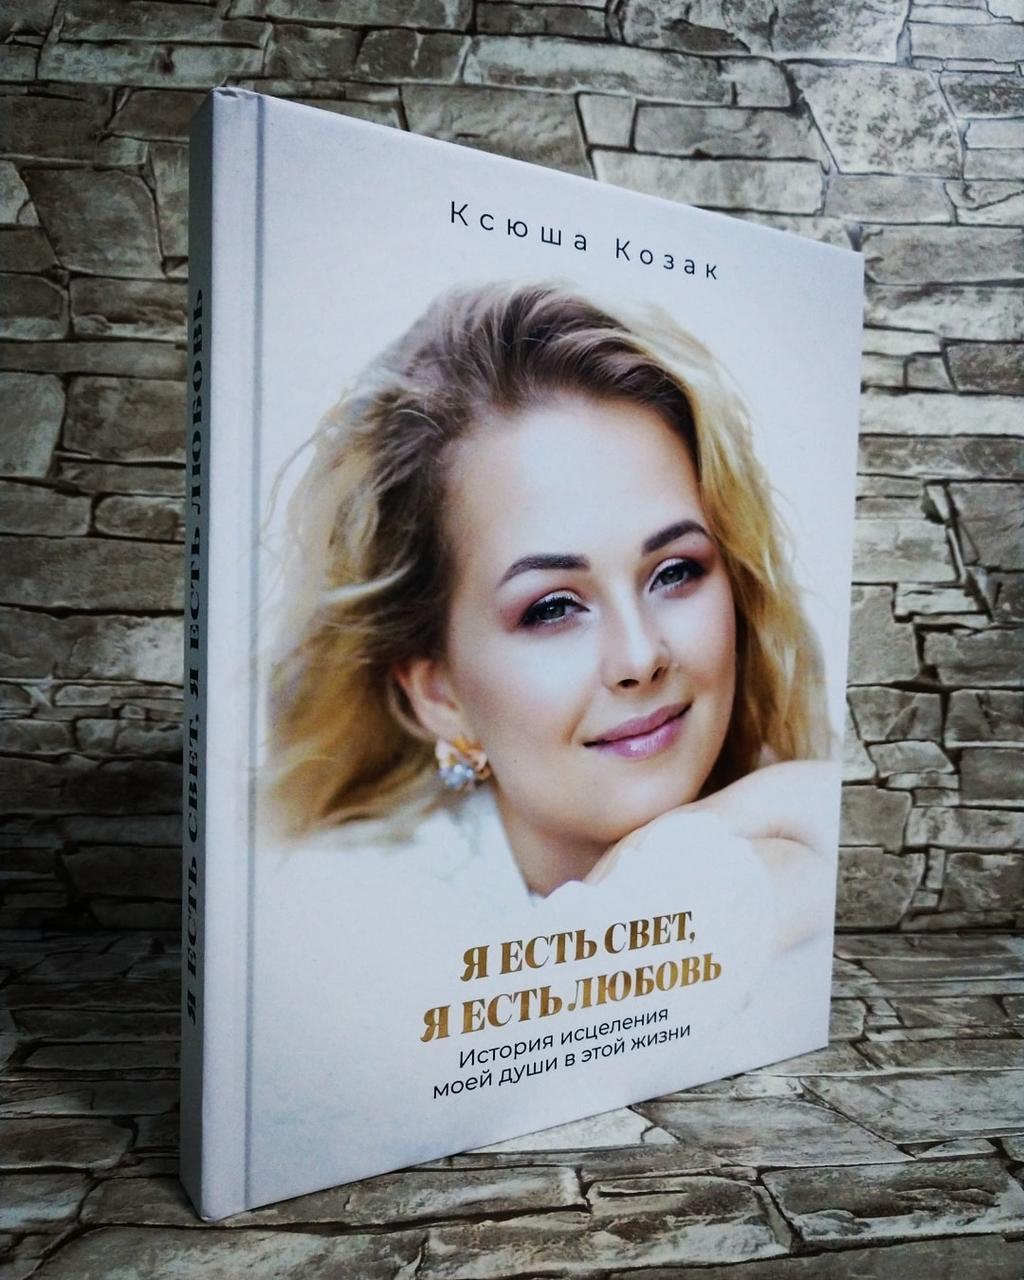 """Книга """"Я есть свет, я есть любовь"""" Ксюша Козак"""